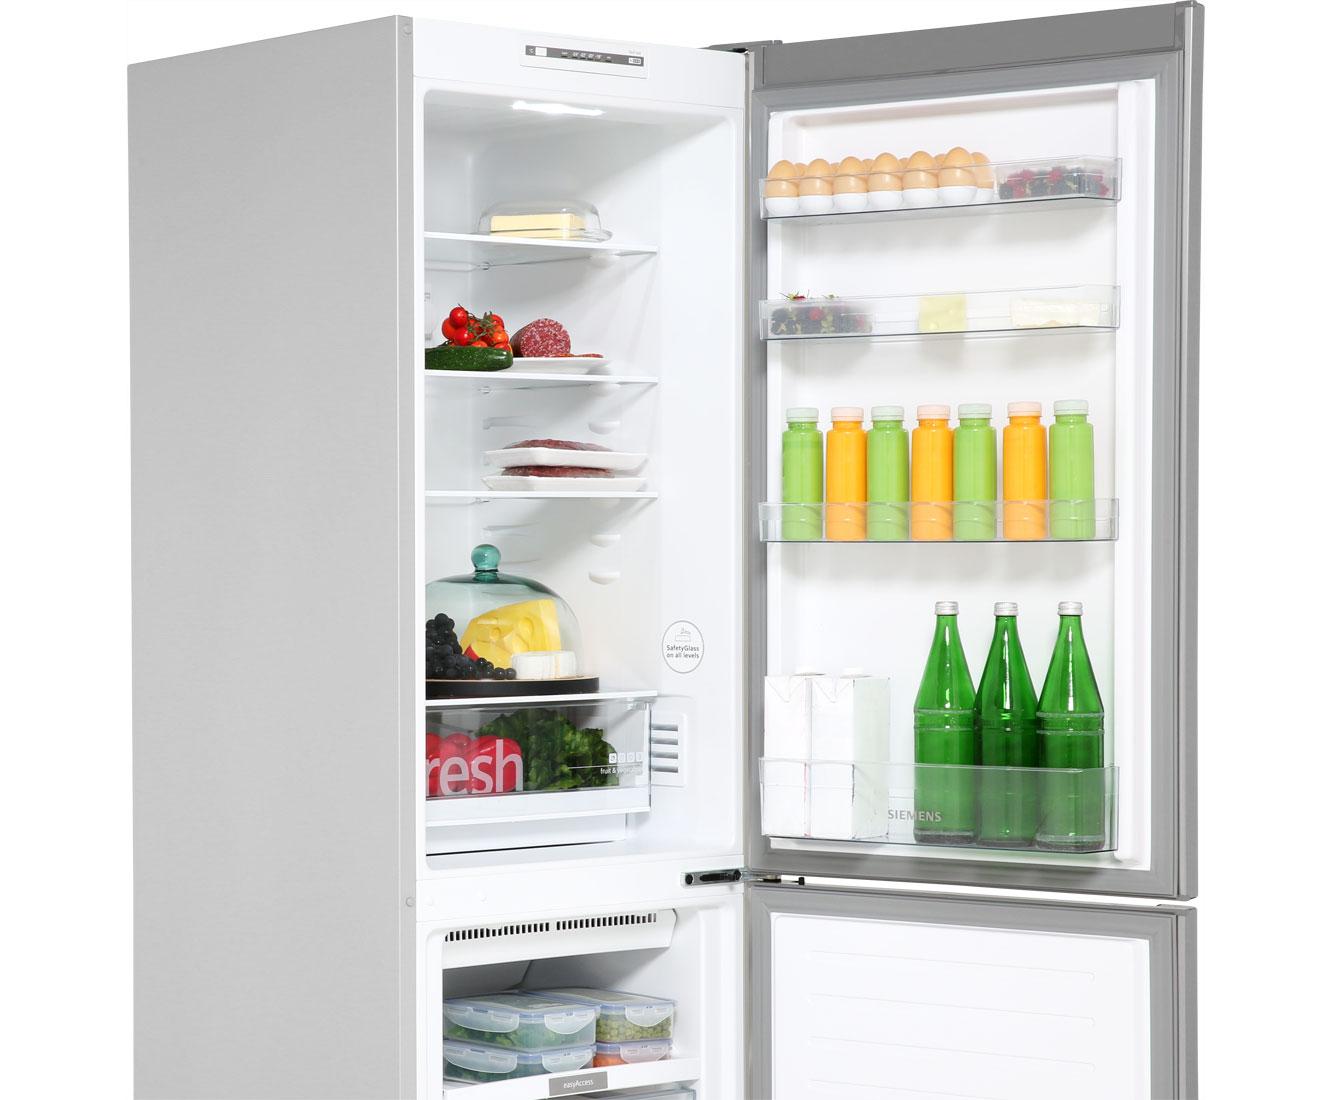 Siemens Kühlschrank Richtig Einräumen : Siemens iq kg nnl kühl gefrierkombination mit no frost